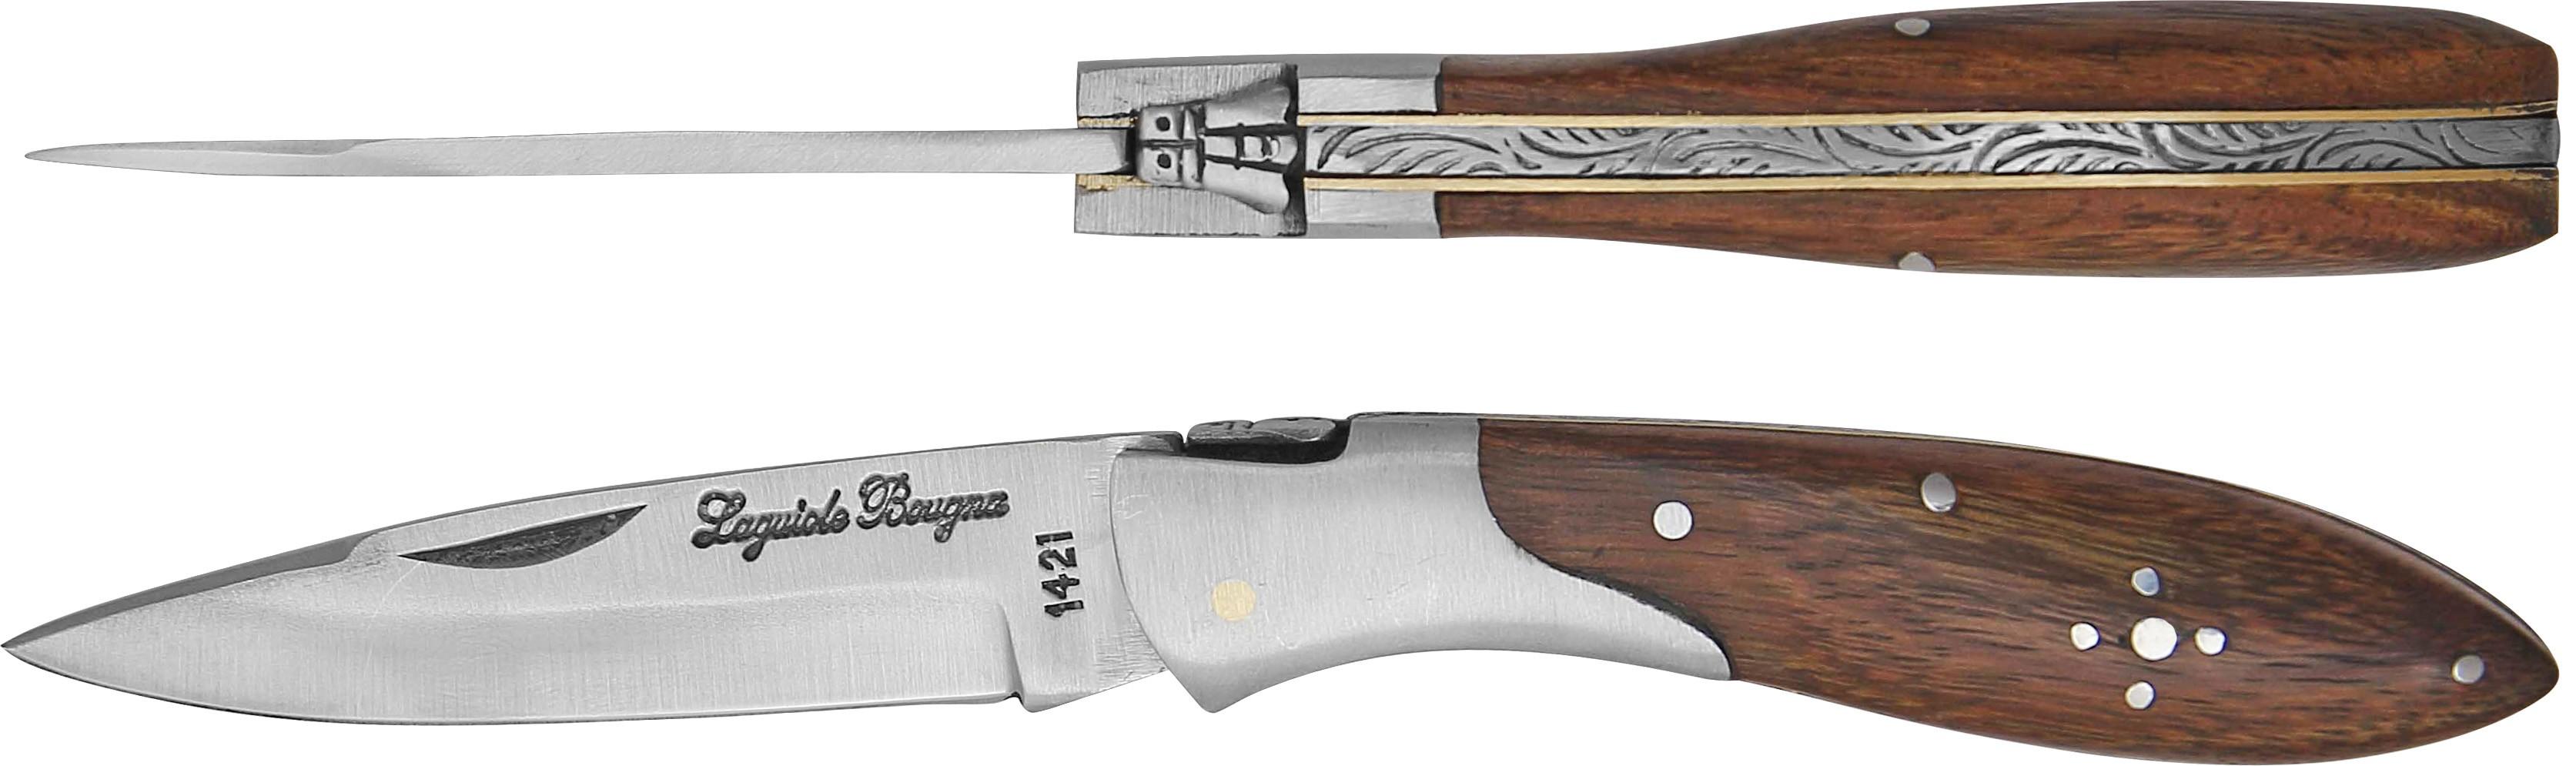 LB - Couteau 10,5 cm drop - palissandre